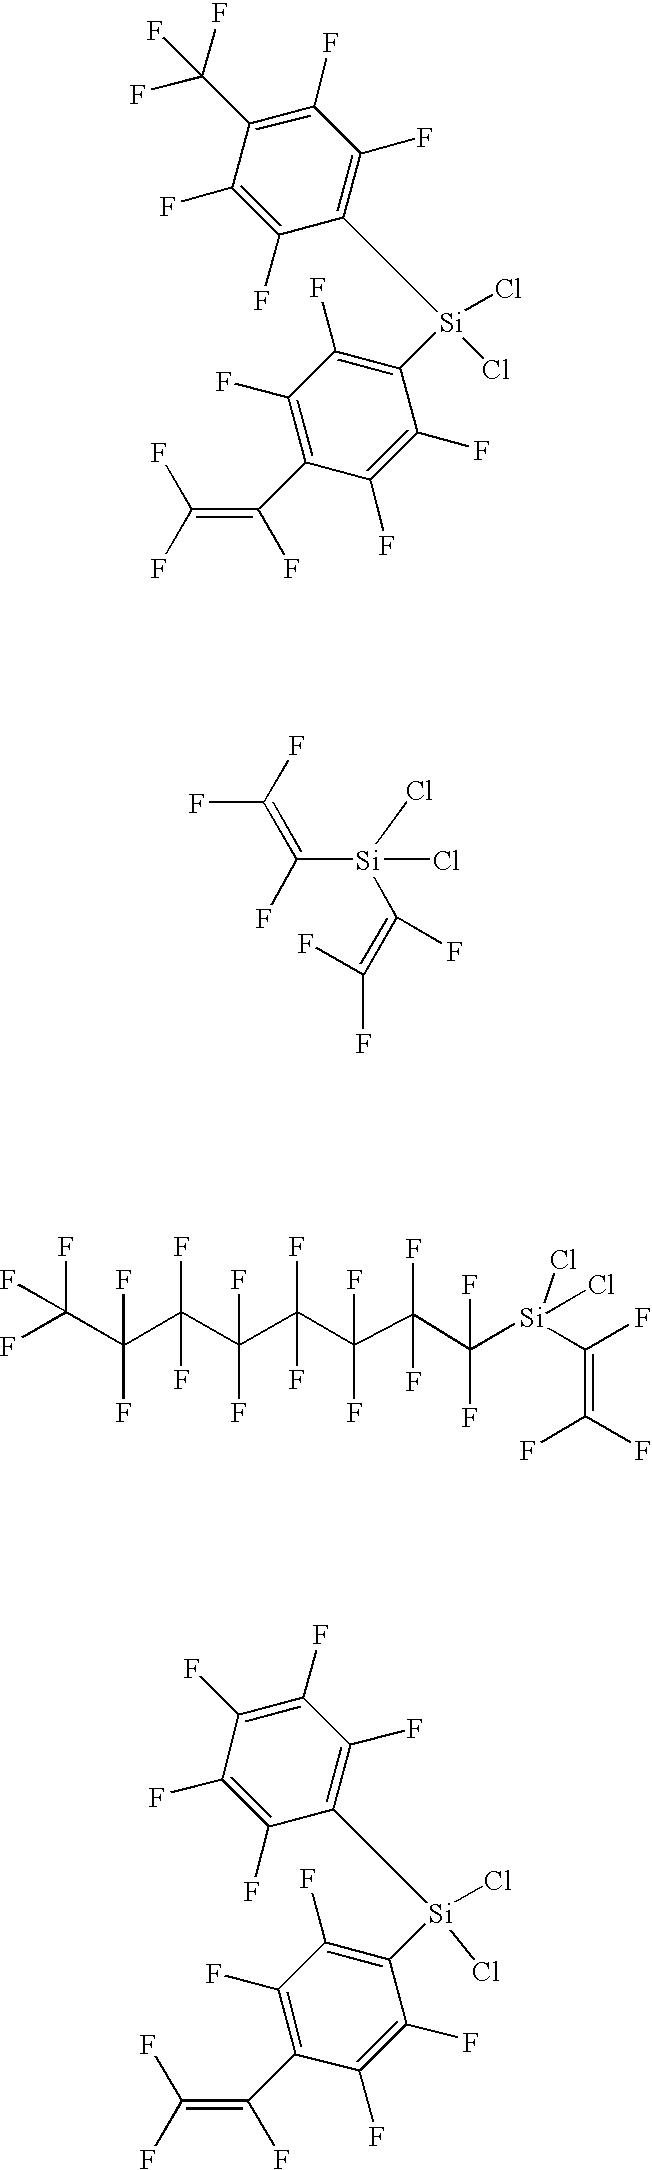 Figure US20030231851A1-20031218-C00016